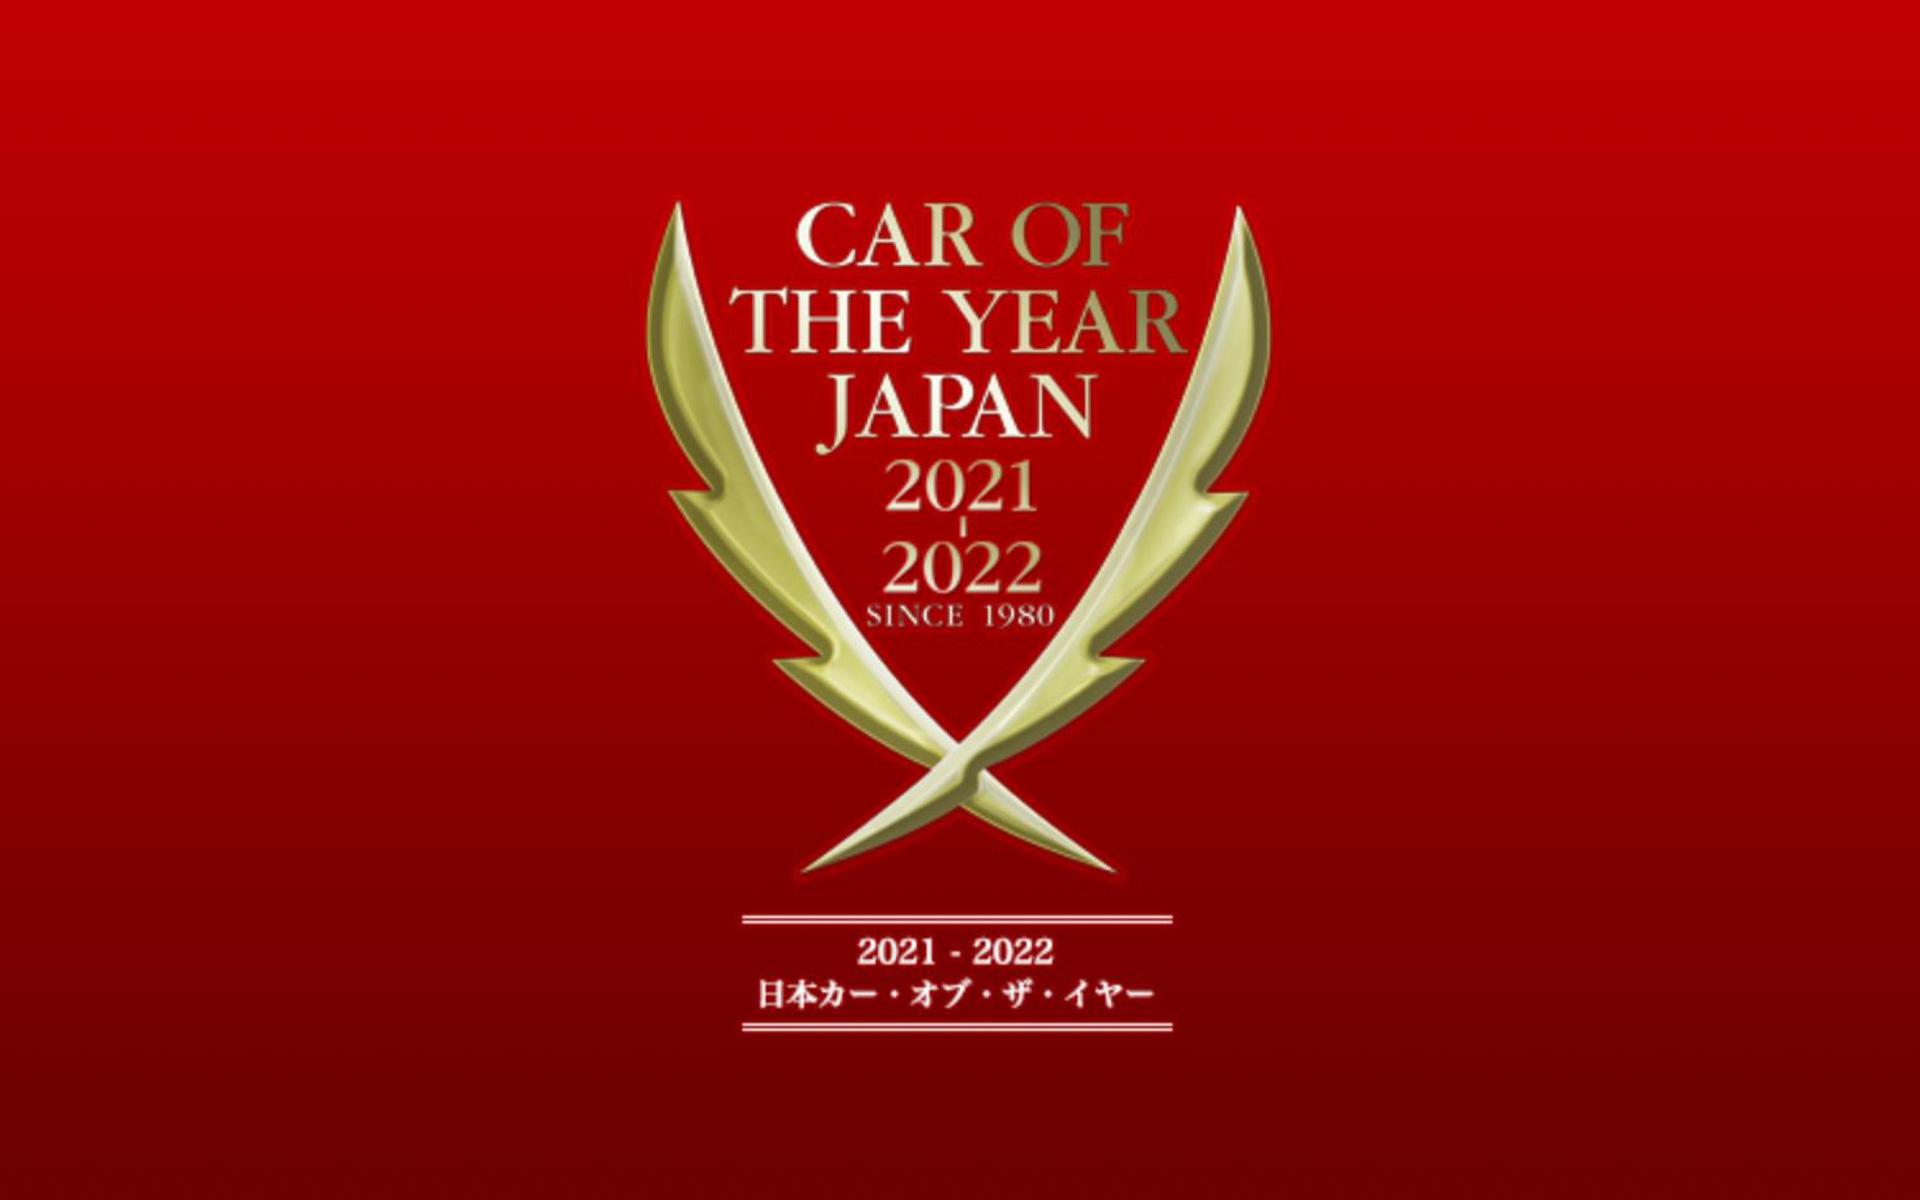 2021-2022 日本カー・オブ・ザ・イヤーのスケジュール発表